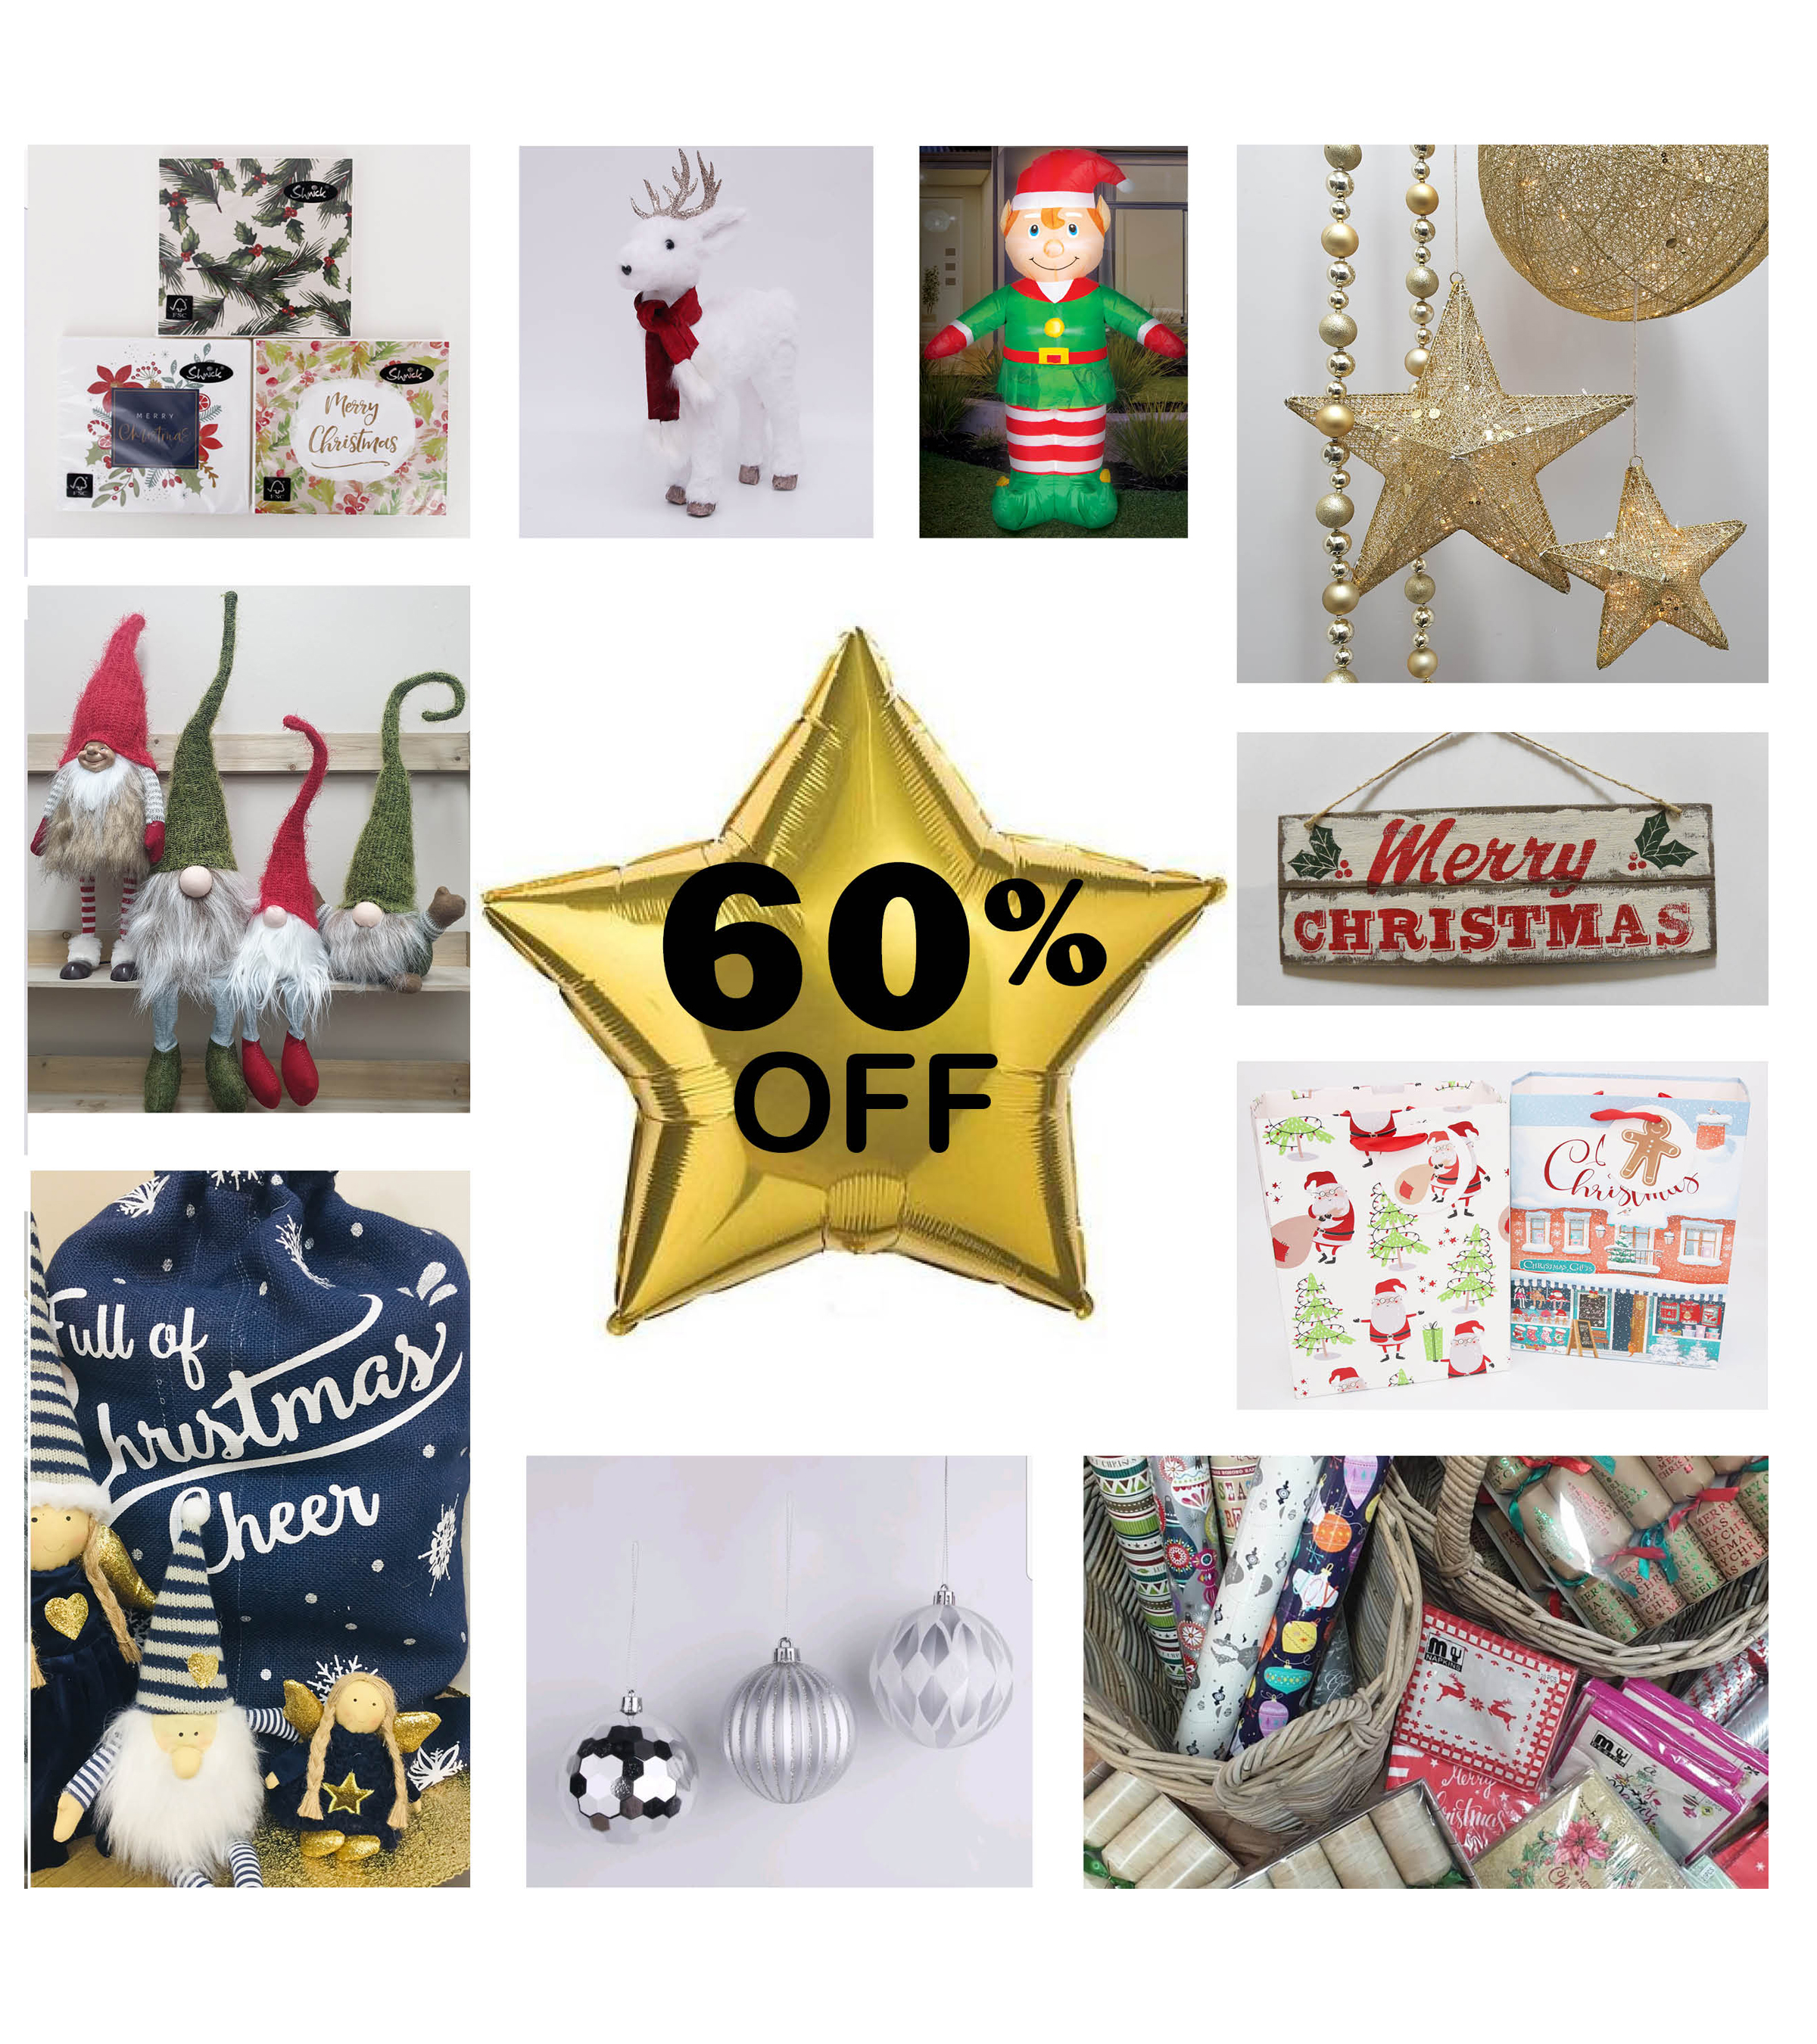 60% OFF CHRISTMAS